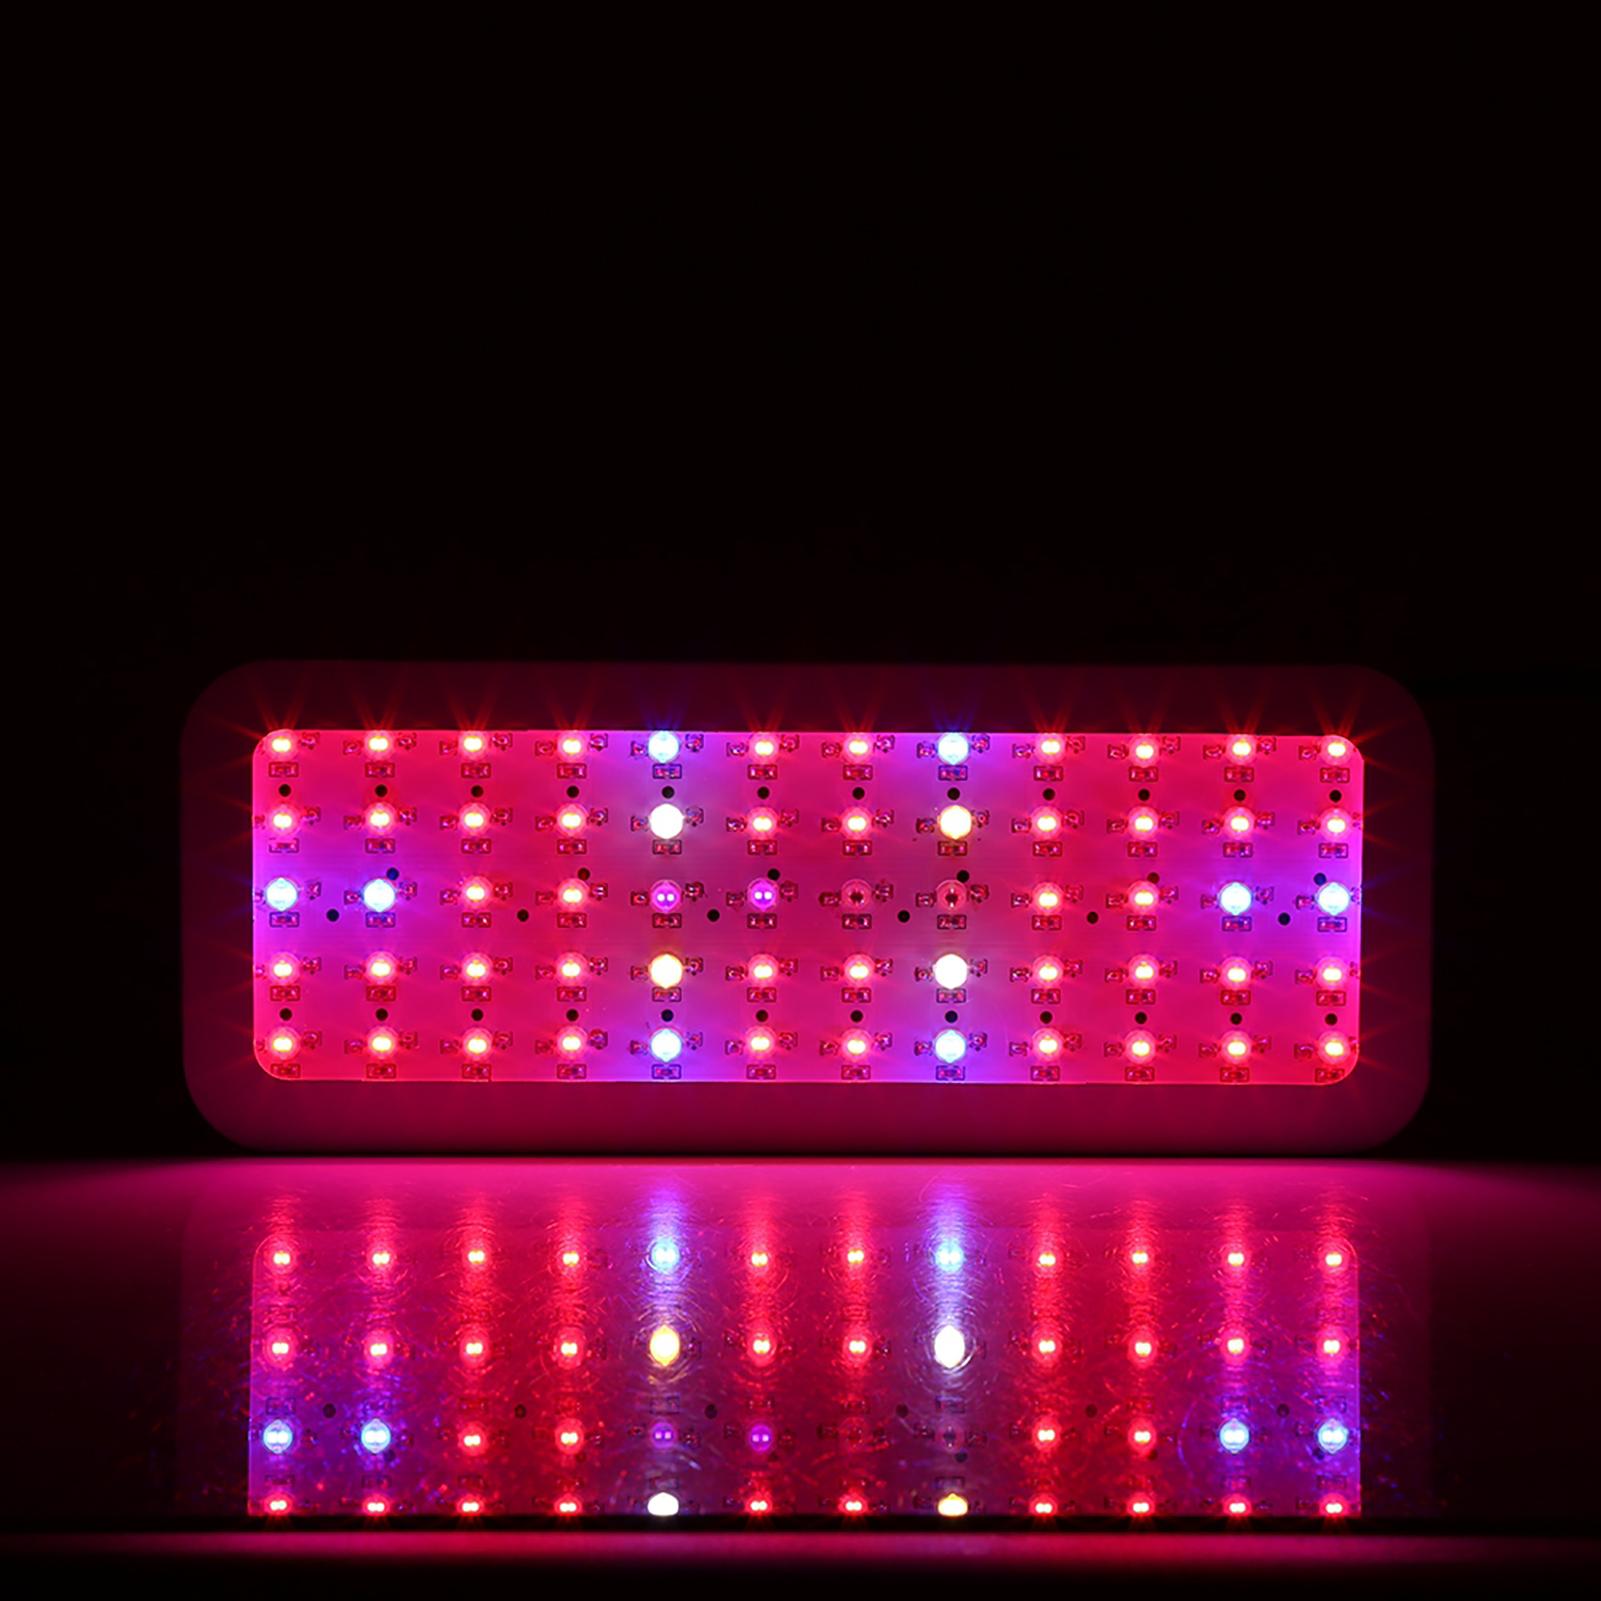 led grow lampe vollspektrum wachsen licht f r hydroponics innenanlagen pflanzen ebay. Black Bedroom Furniture Sets. Home Design Ideas